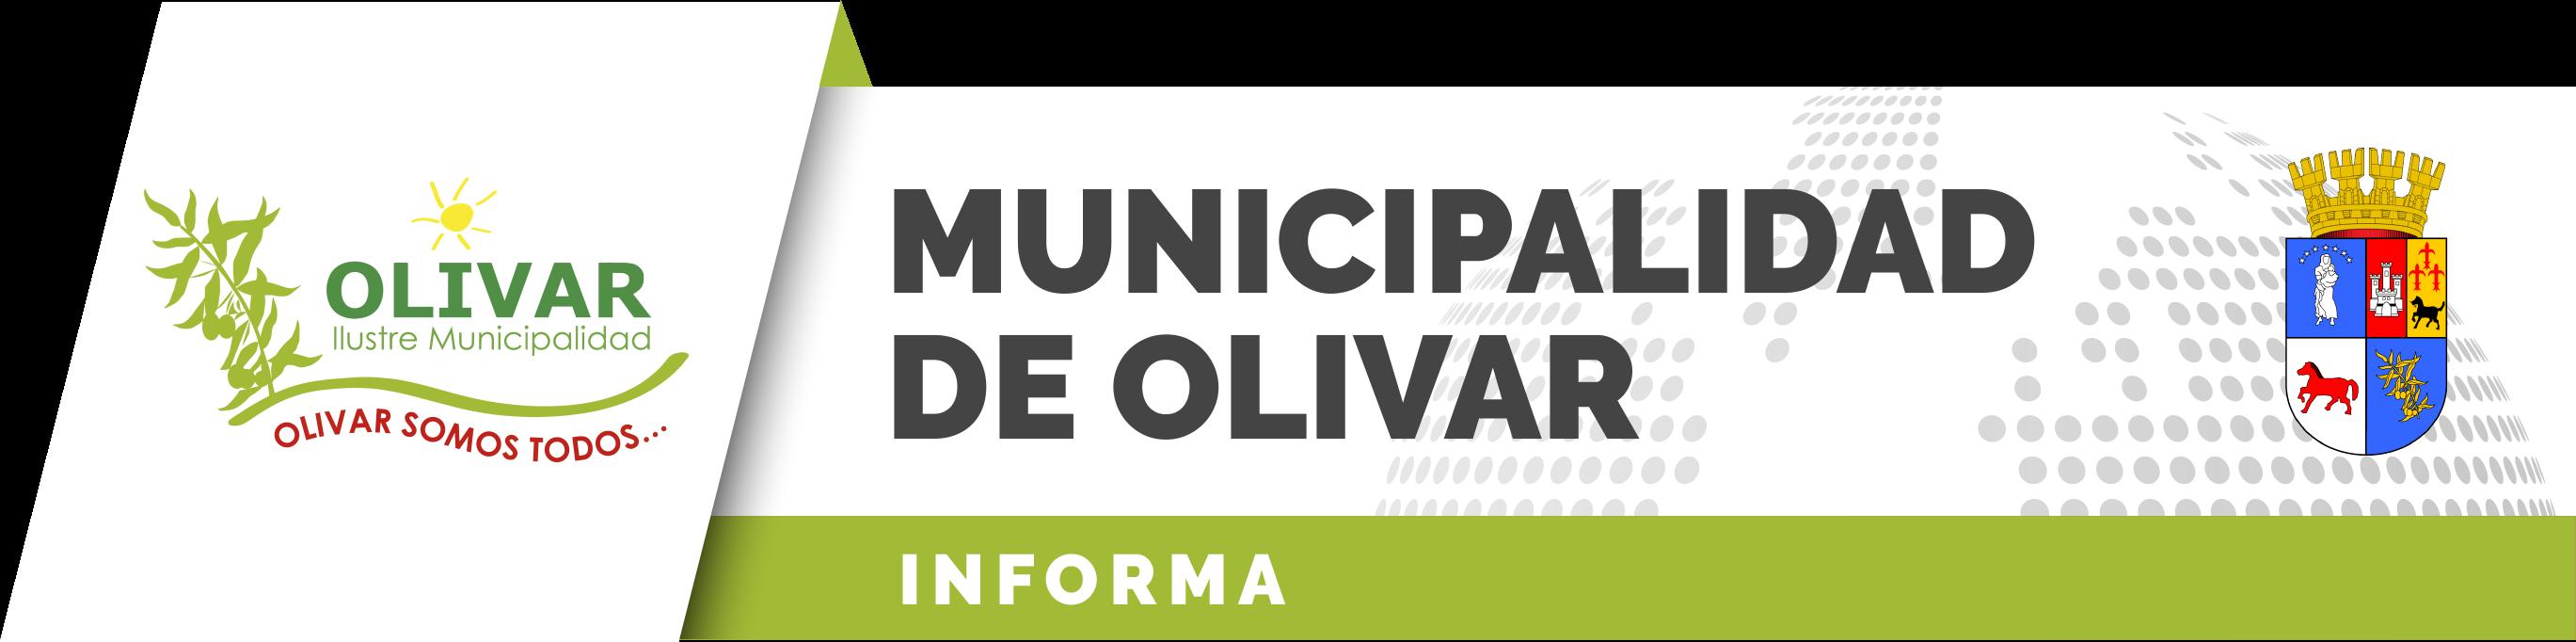 ALCALDESA DE  OLIVAR AGRADECE AL CONCEJO MUNICIPAL CEDER PRESUPUESTO DE CAPACITACIONES PARA ADQUISICIÓN DE ELEMENTOS DE EMERGENCIA